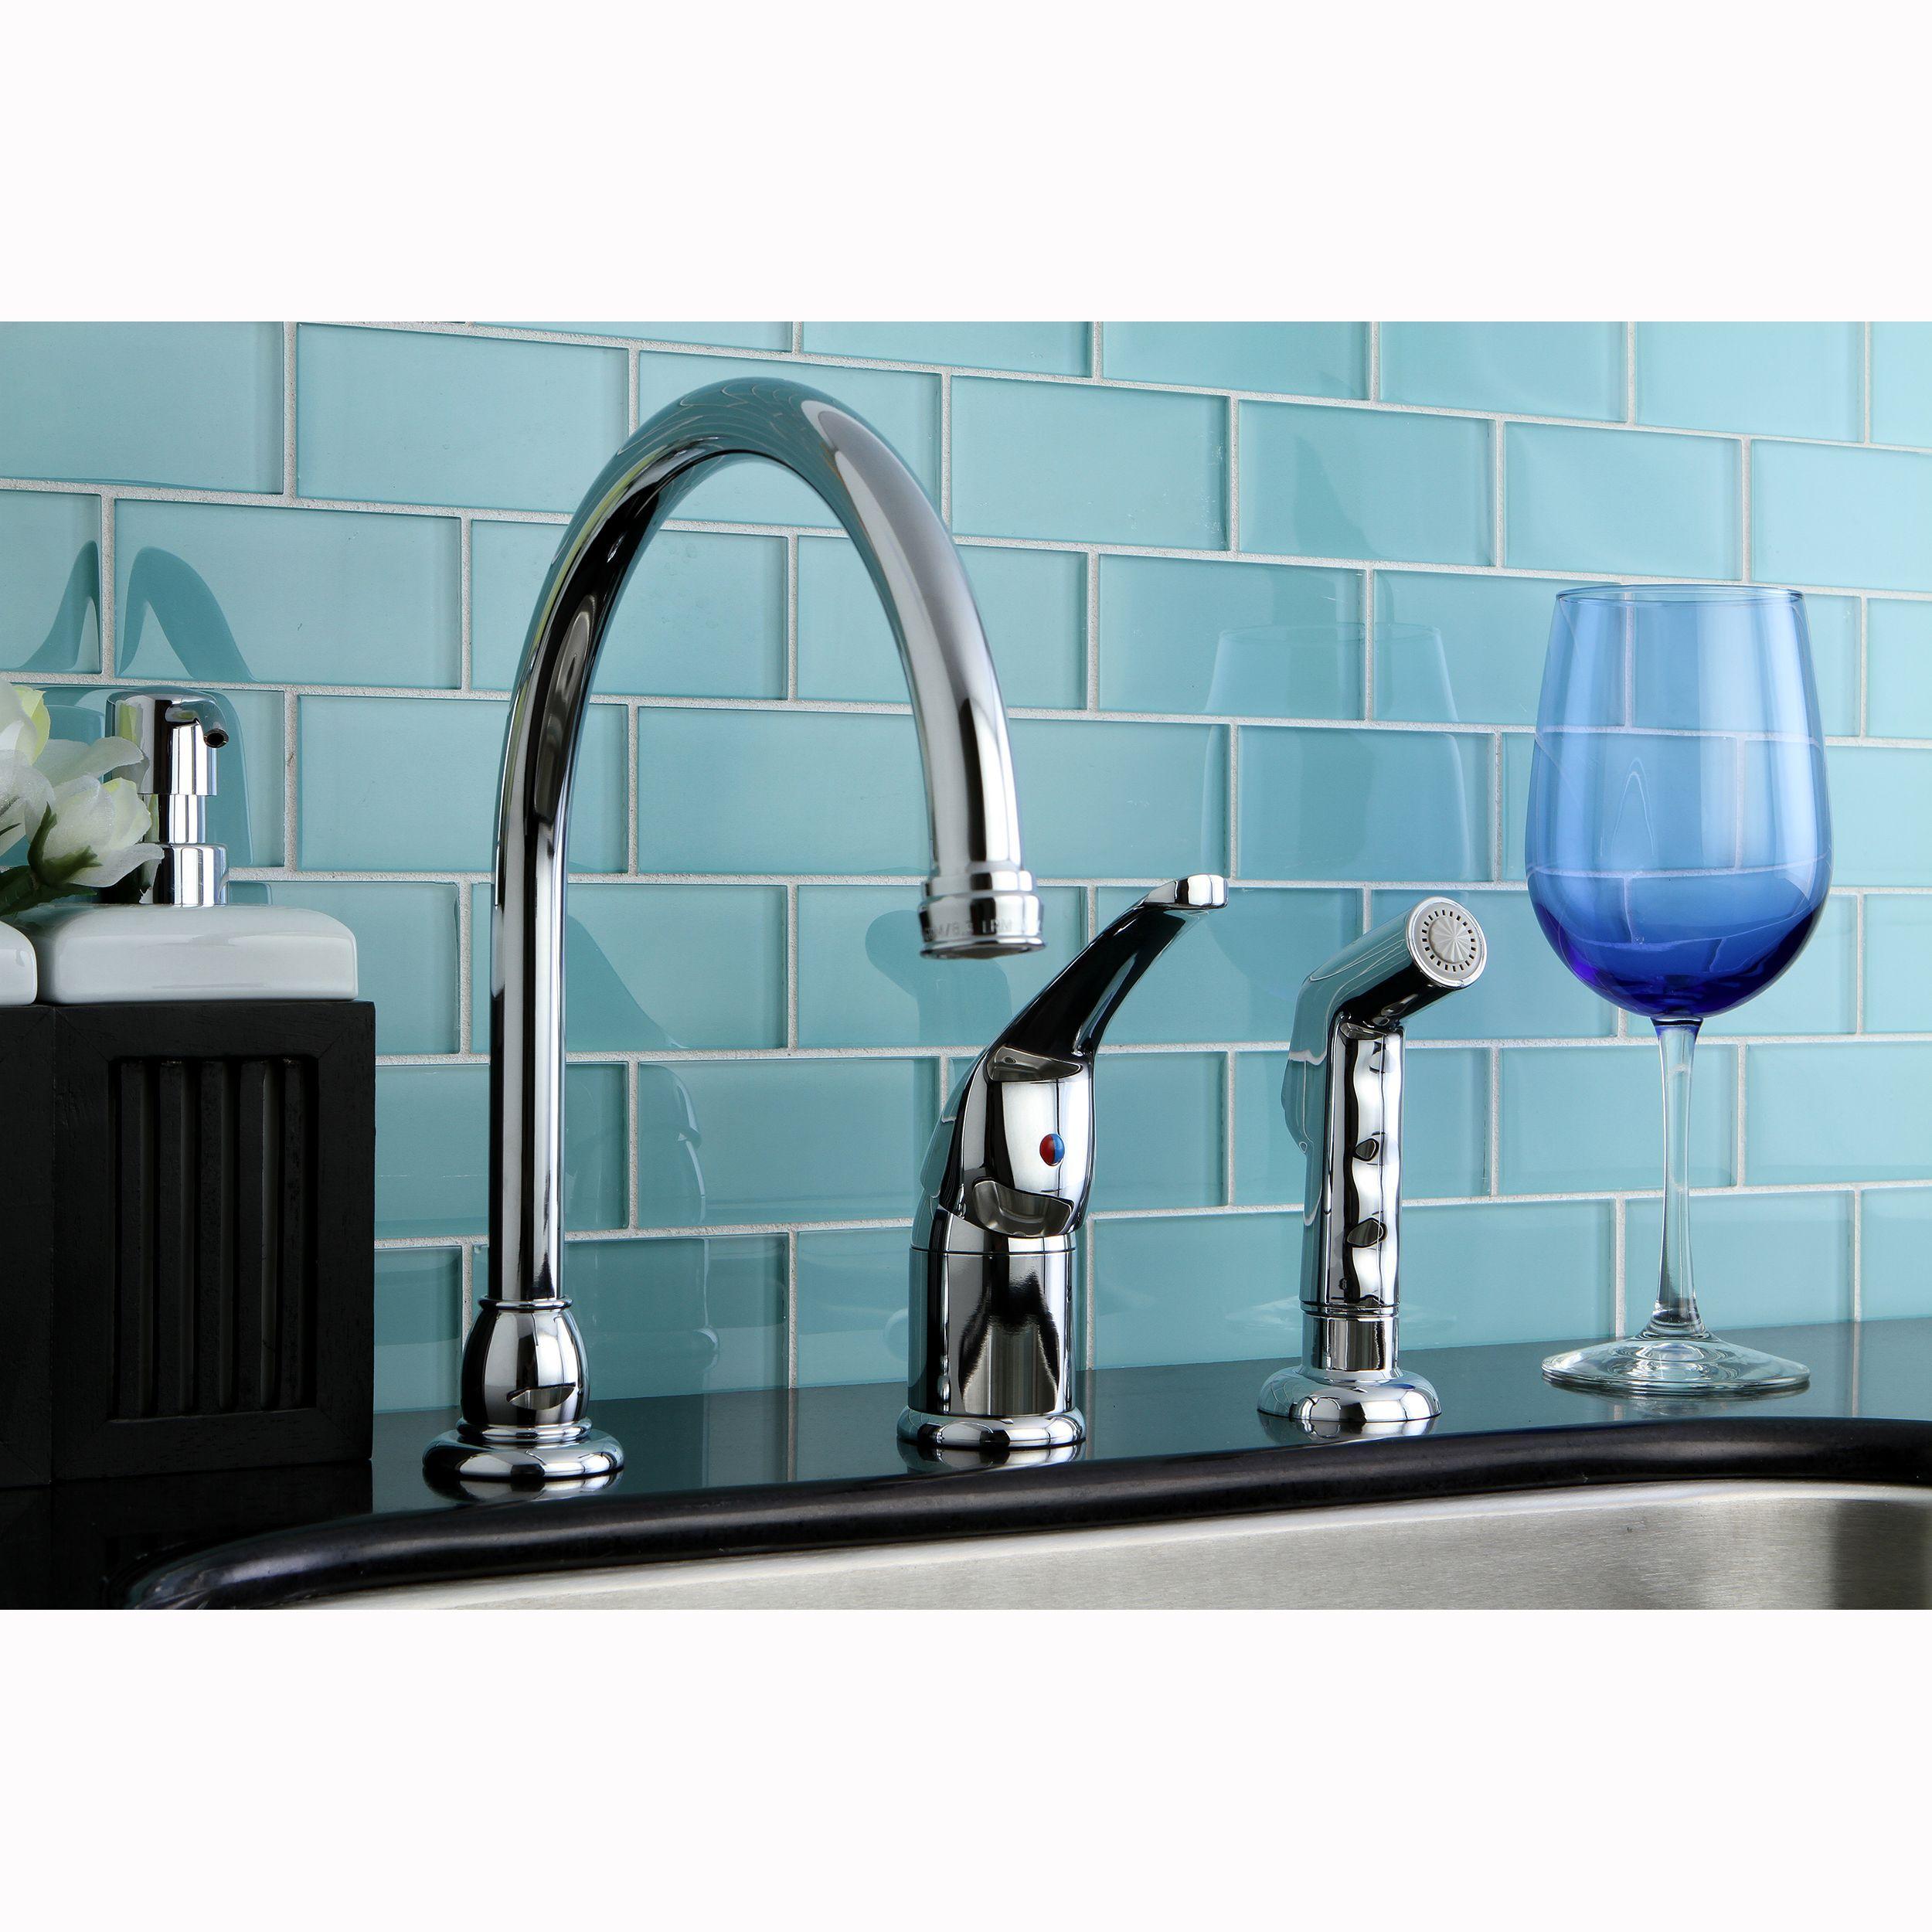 Kingston Brass Chrome Kitchen Faucet, Silver